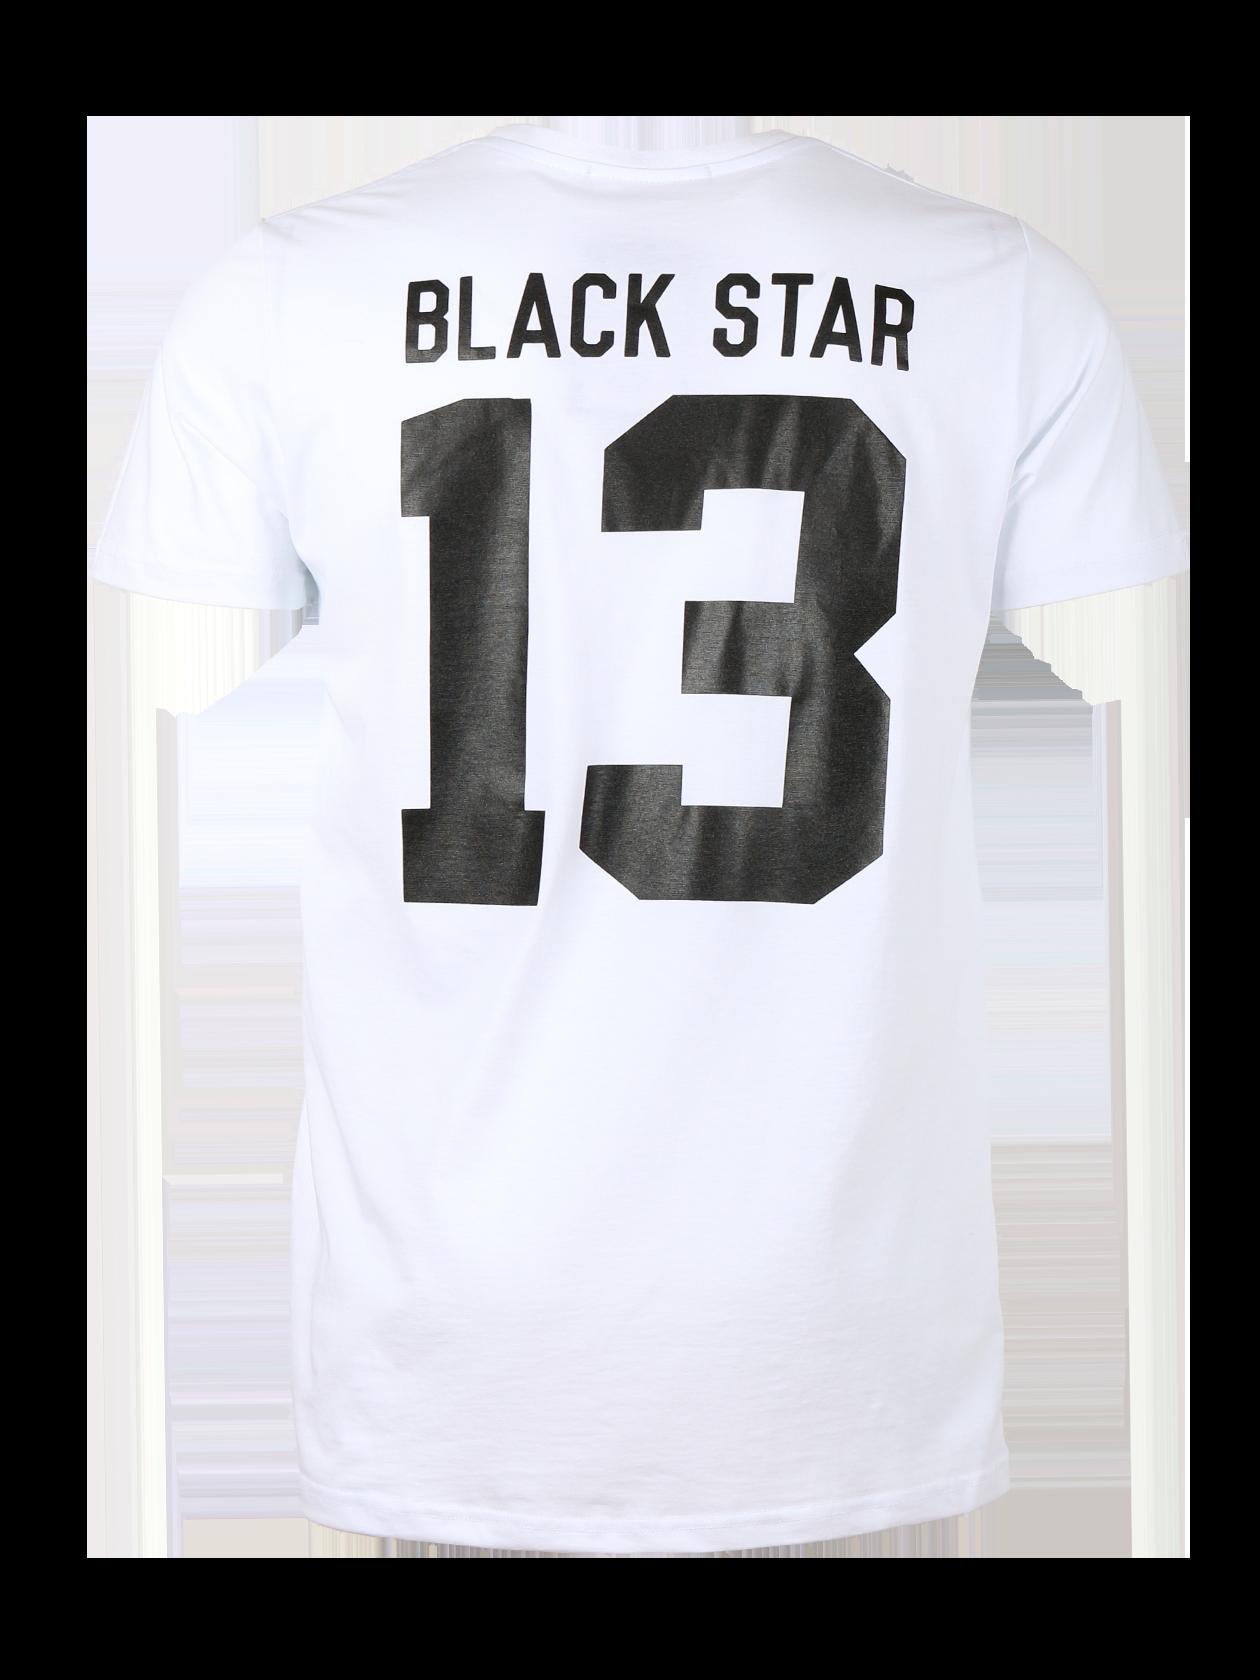 Футболка мужская BLACK STAR 13Футболка мужская Black Star 13 из новой линии одежды Basic – базовая вещь для тех, кто стремится к стилю и комфорту каждый день. Модель простого удобного кроя с удлиненным полусвободным силуэтом и коротким рукавом. Изготовлена из высококачественного хлопка. Представлена в белой и черной расцветках. На спине заметная фирменная надпись Black Star 13 в контрастном цвете. Жаккардовый лейбл дополняет внутреннюю сторону горловины. Цена на изделие стала на 25% привлекательнее.<br><br>Размер: M<br>Цвет: Белый<br>Пол: Мужской